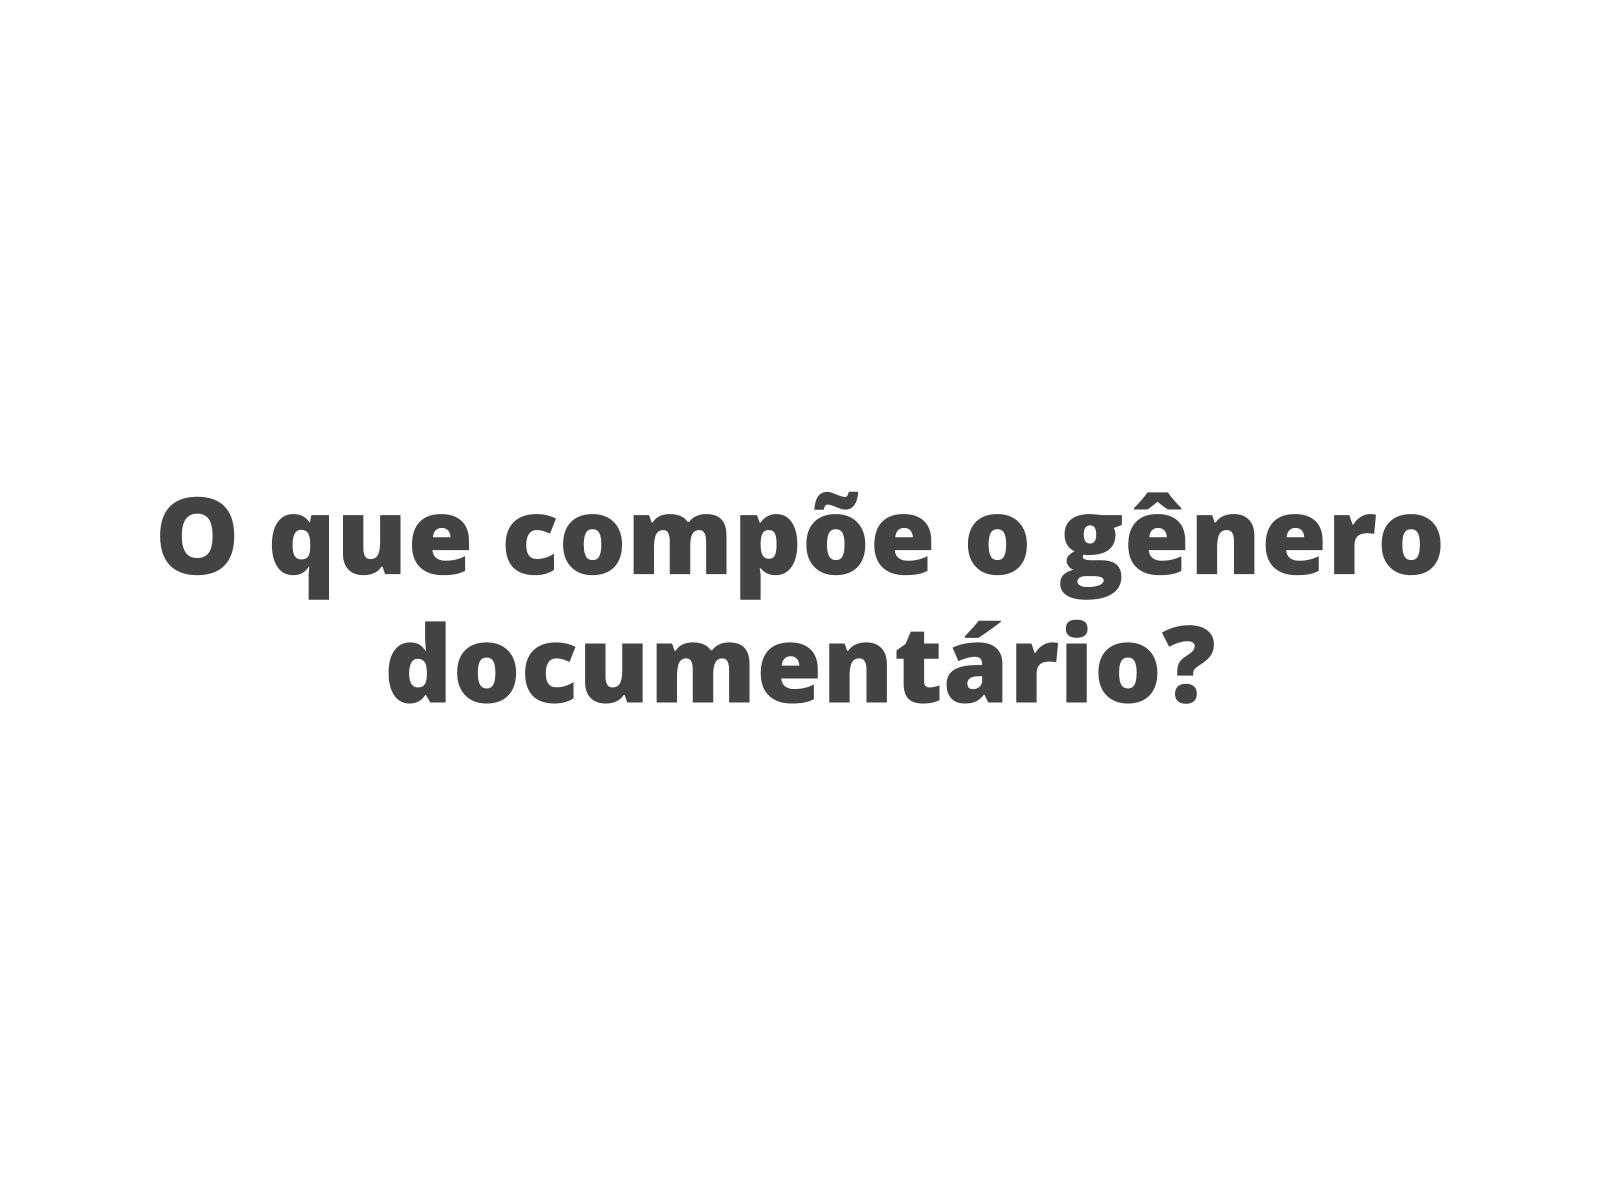 Estrutura composicional e estilo no gênero documentário